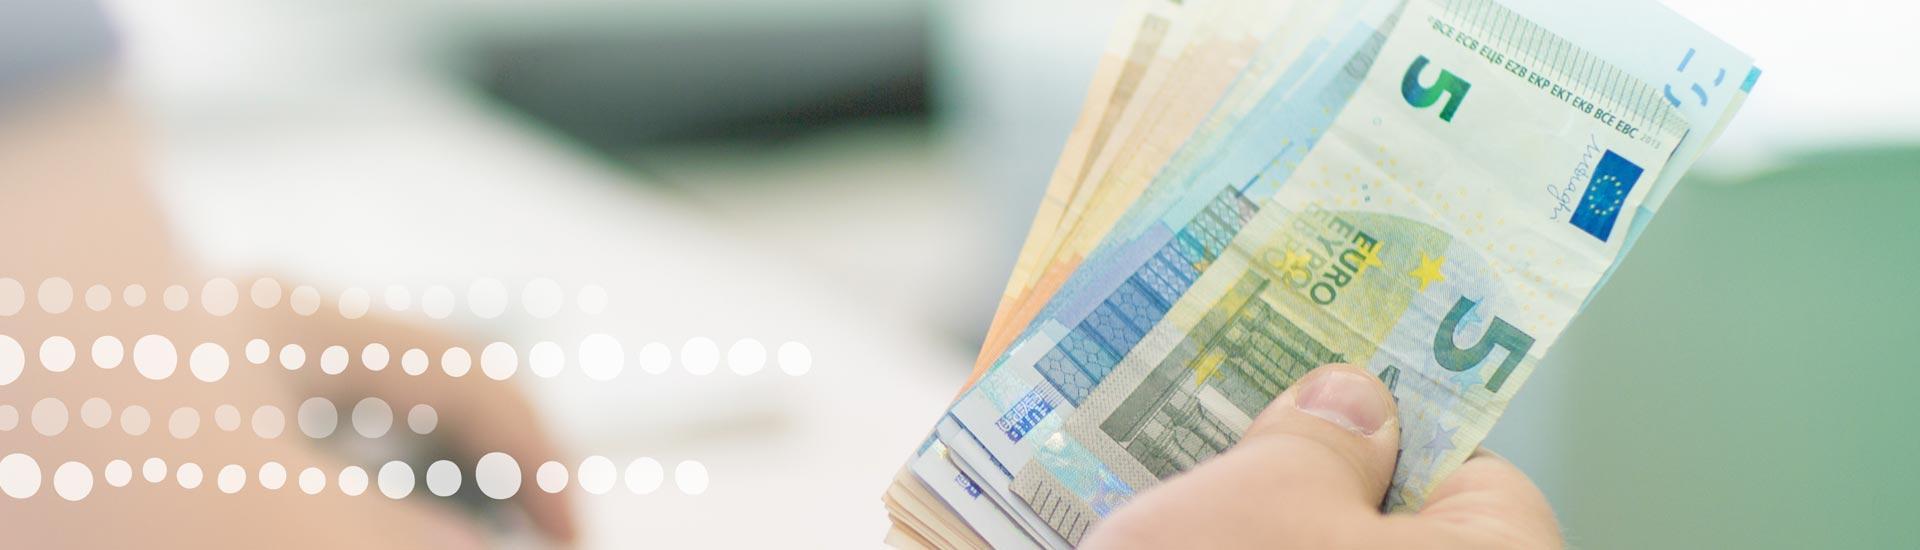 Oma Onni - Parkanon Säästöpankkisäätiö